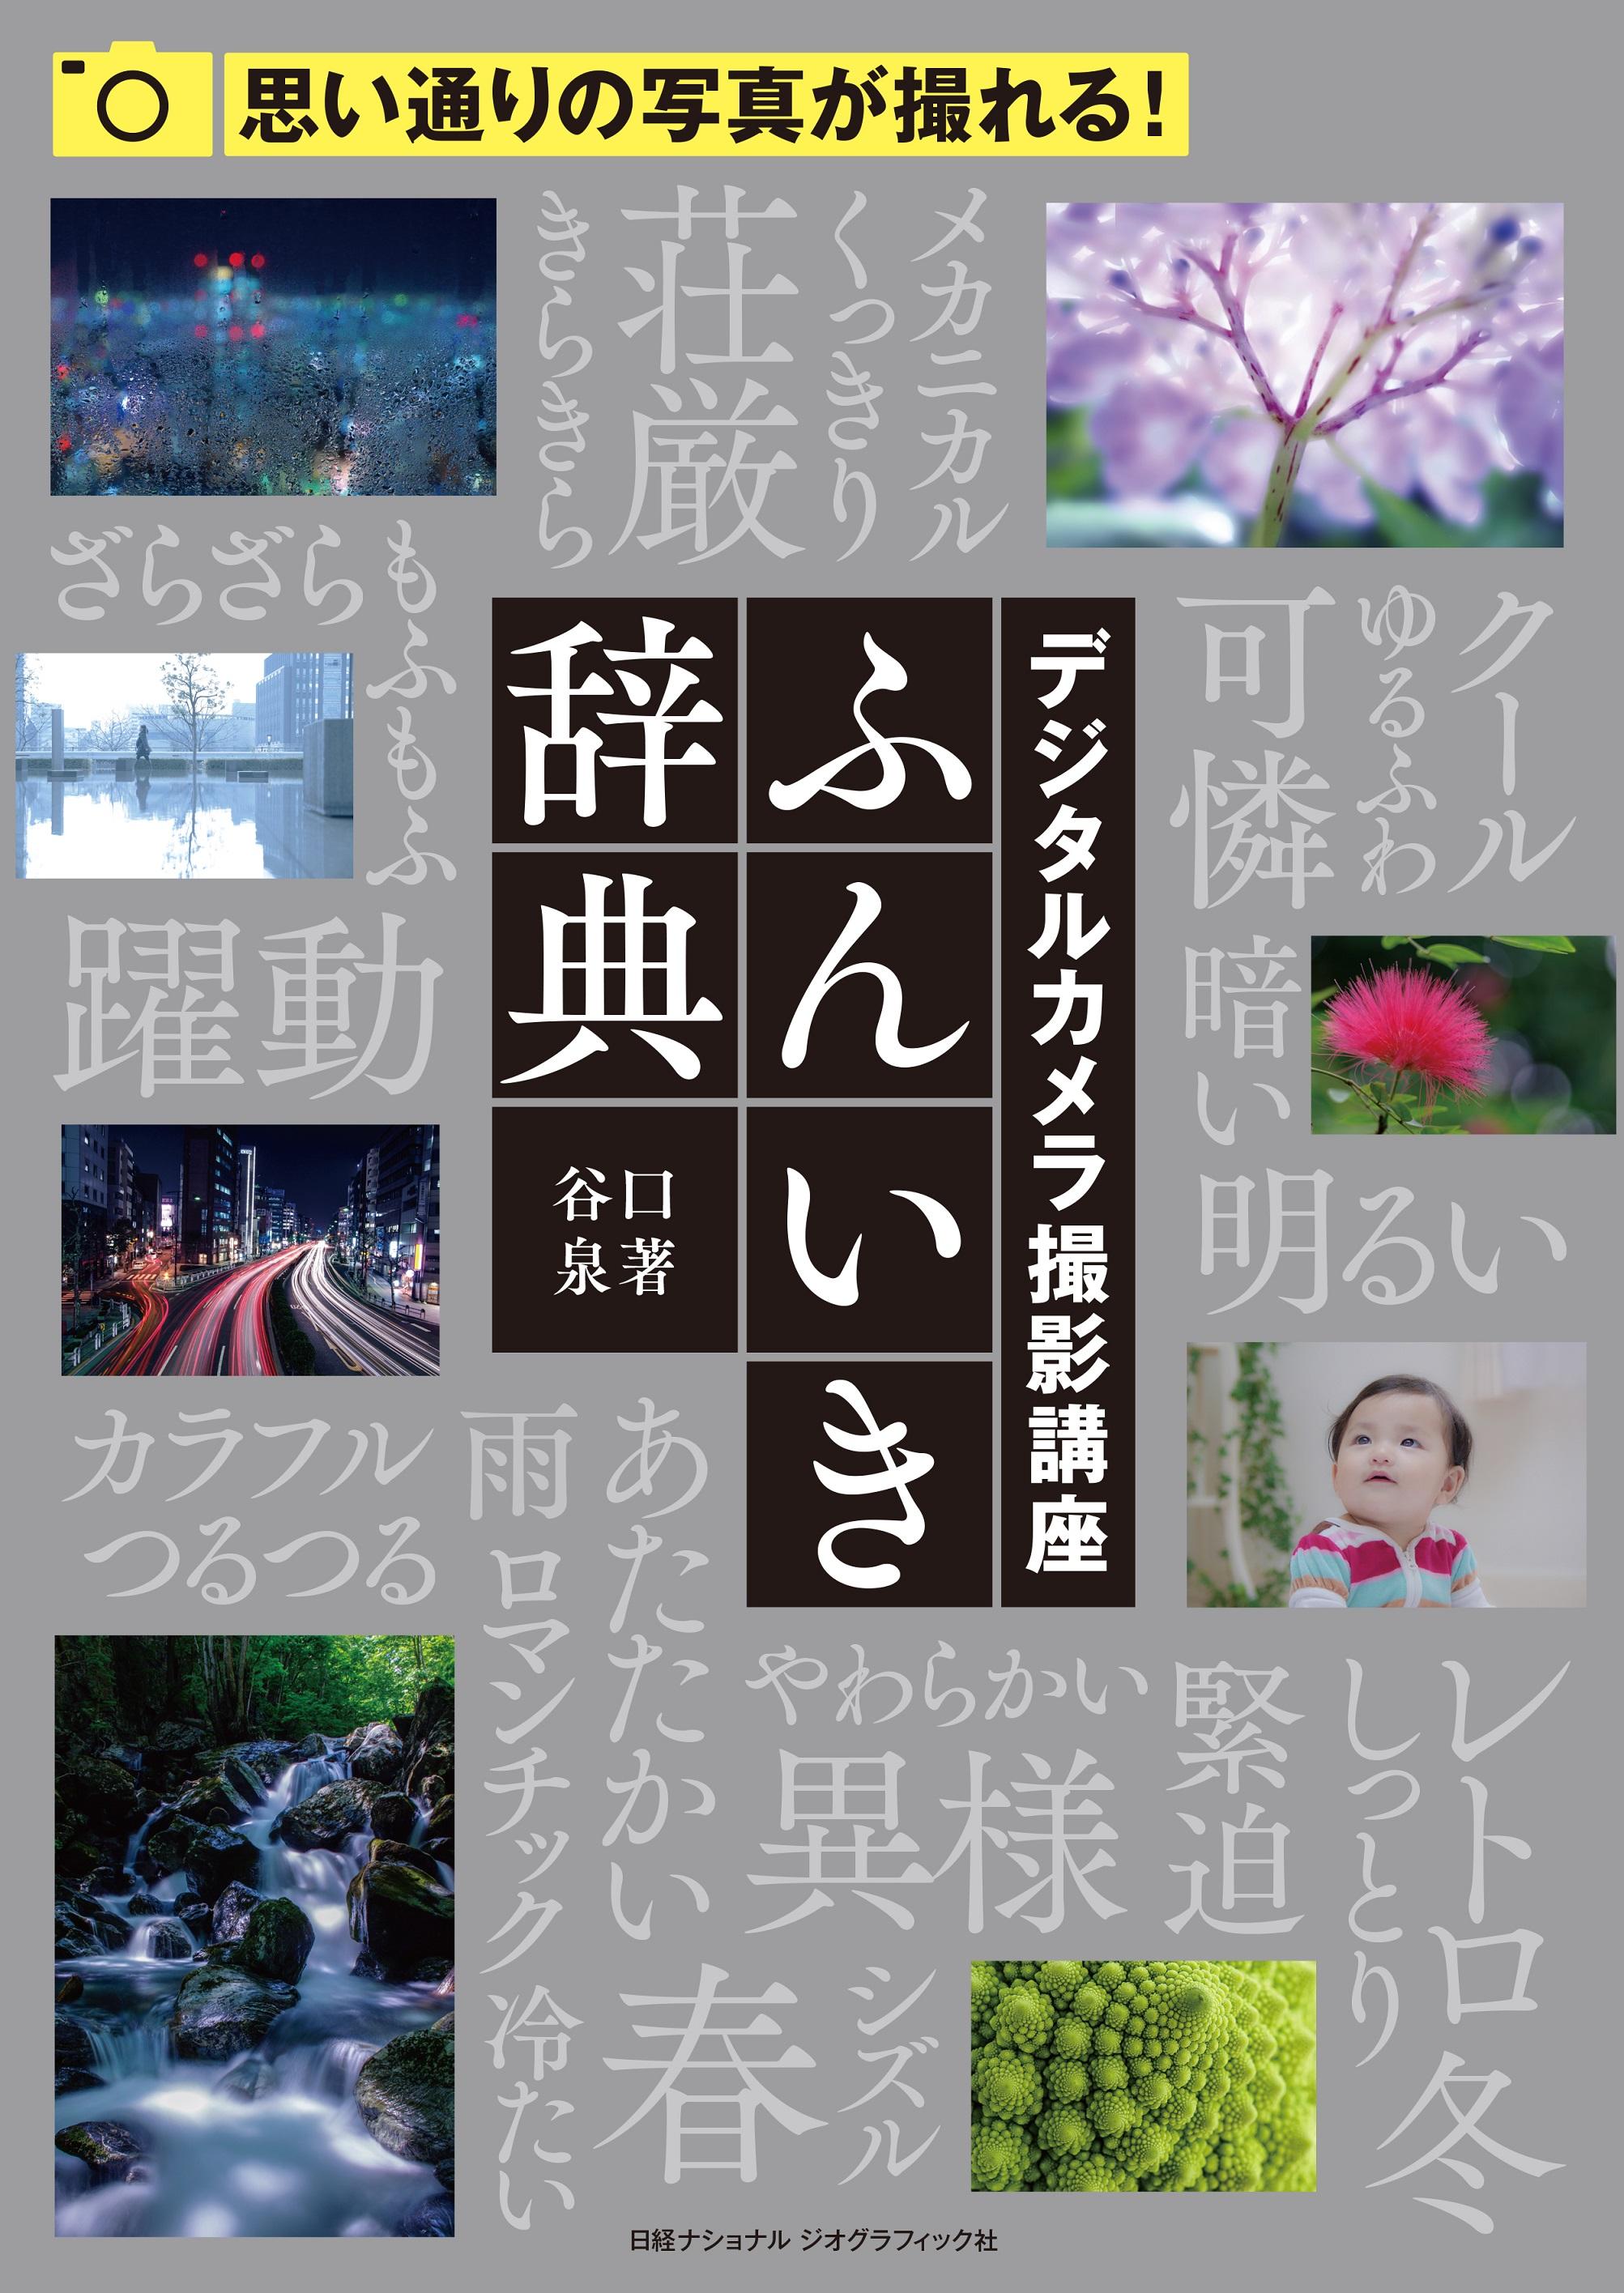 デジタルカメラ講座 ふんいき辞典